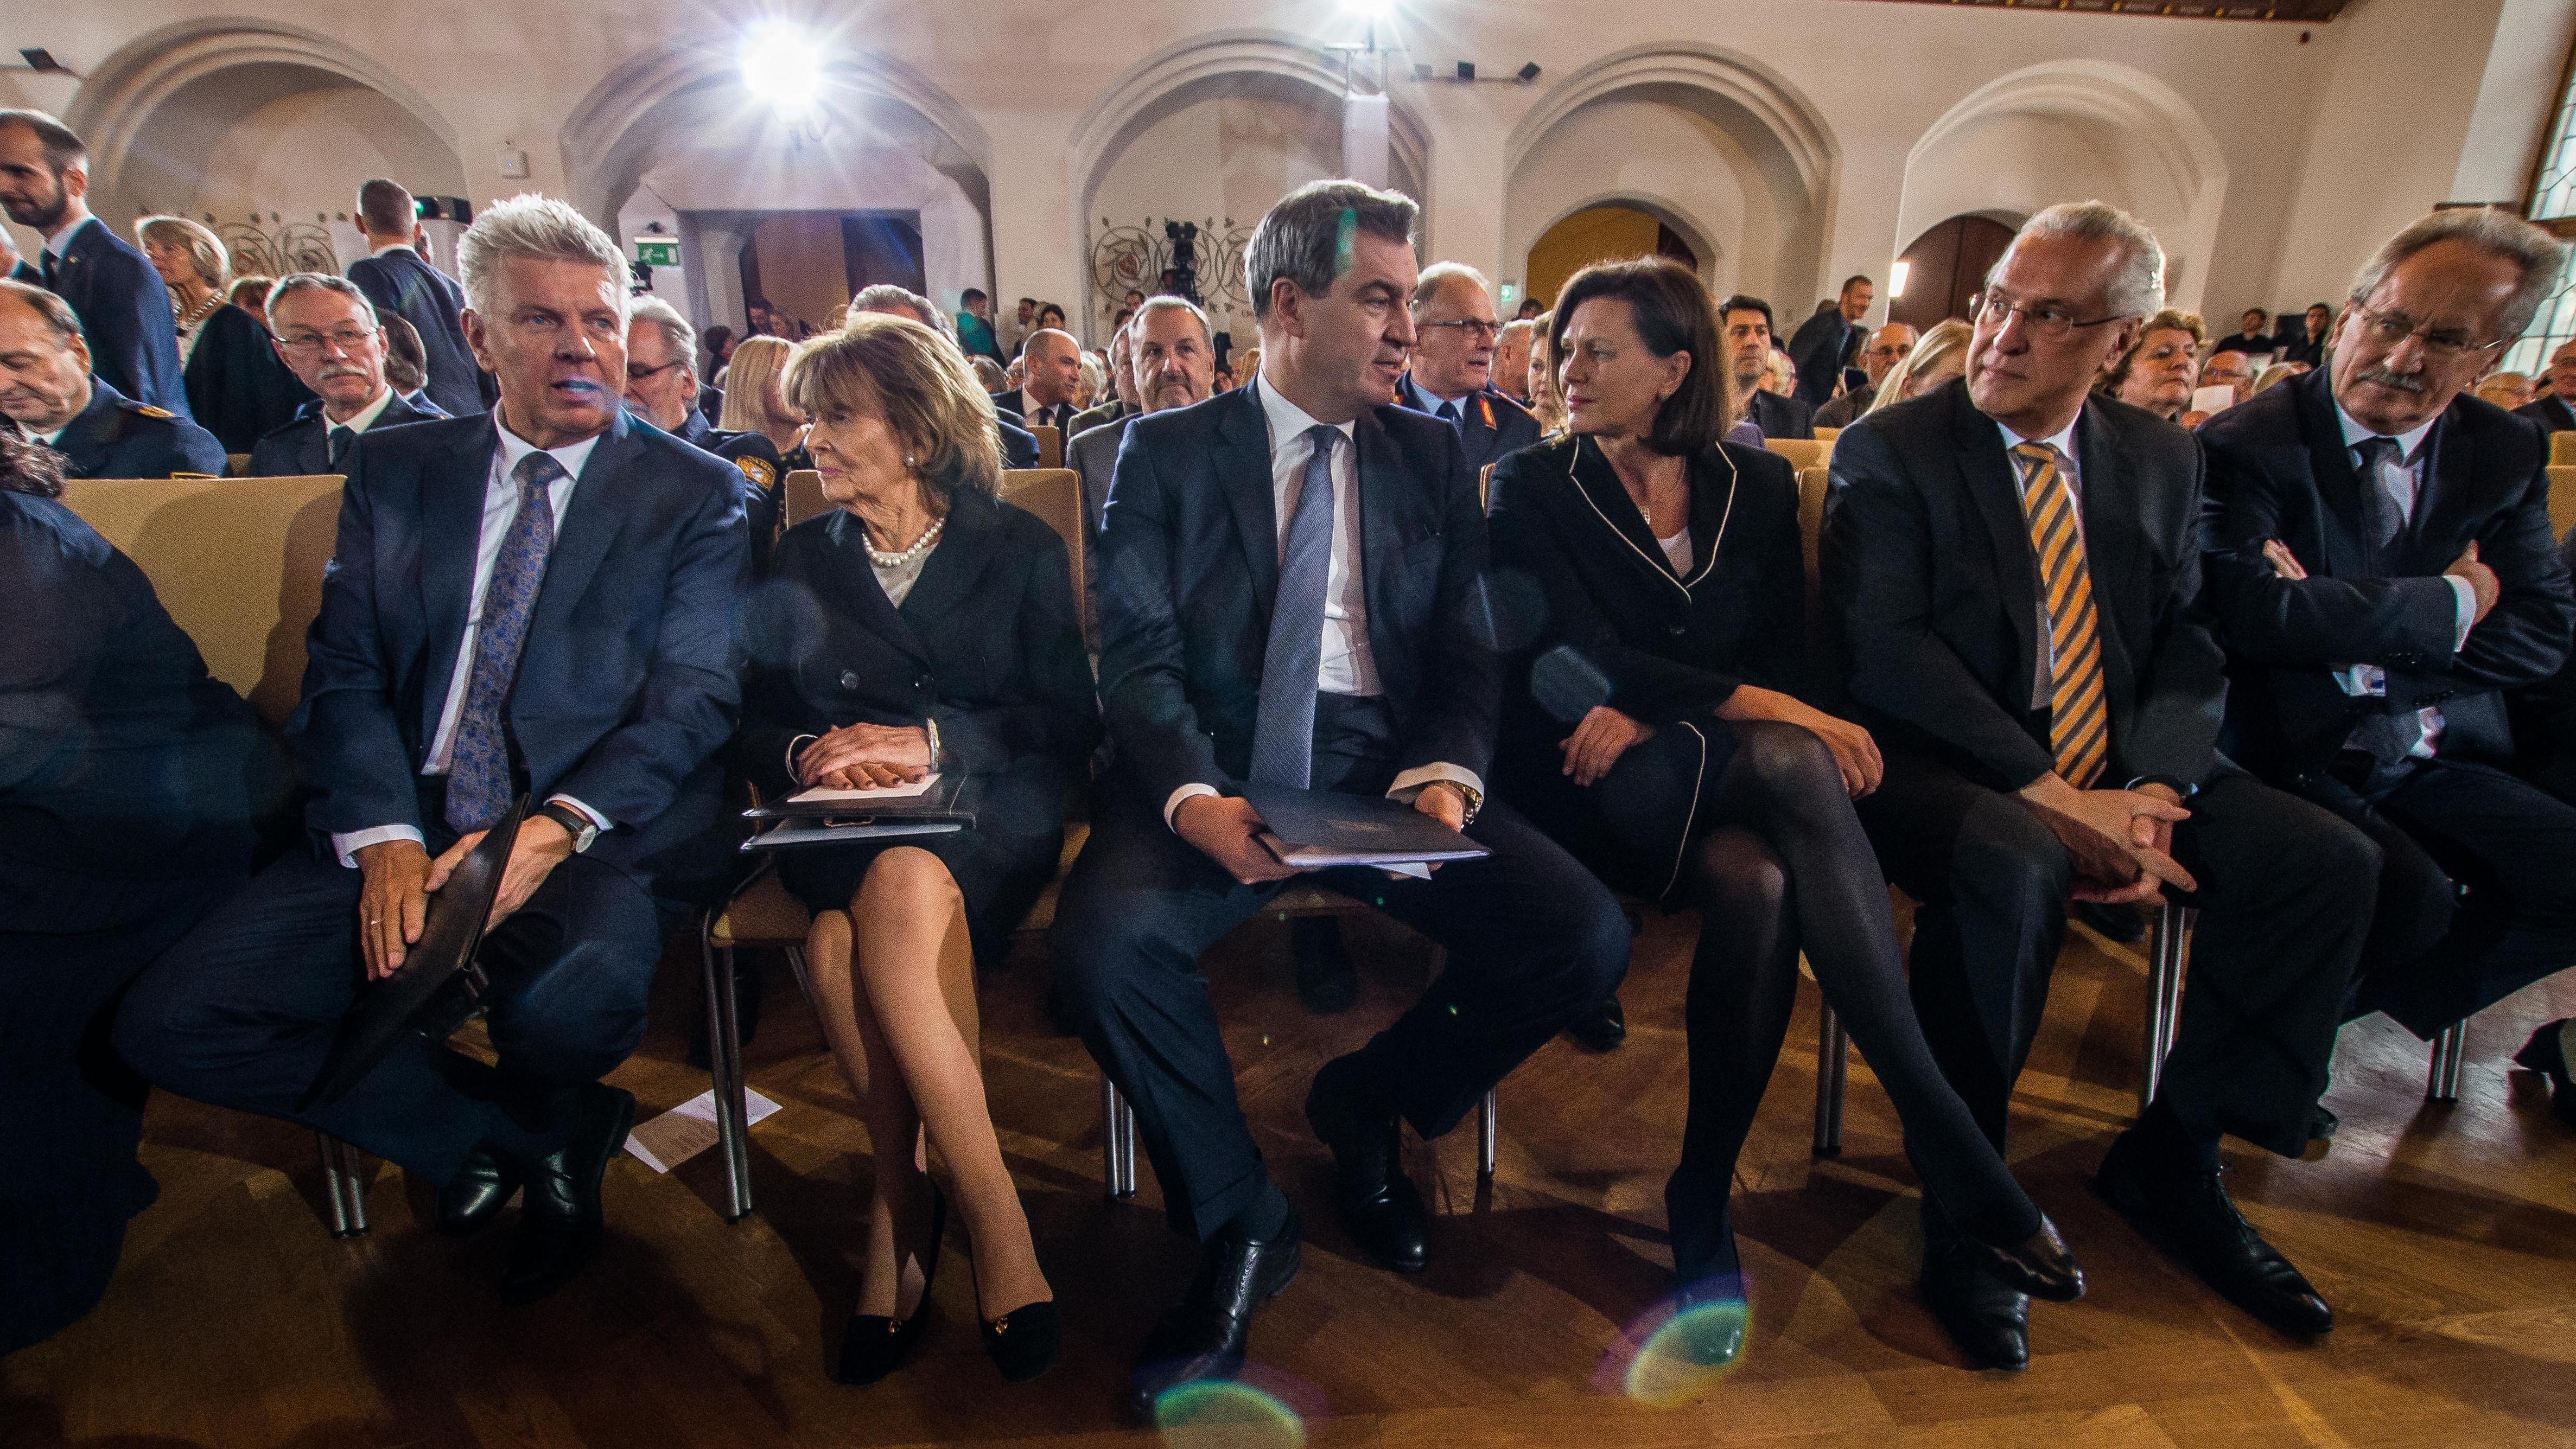 Dieter Reiter (v.l.), Charlotte Knobloch, Markus Söder, Ilse Aigner, Joachim Herrmann und Christian Ude bei der Gedenkveranstaltung in München.